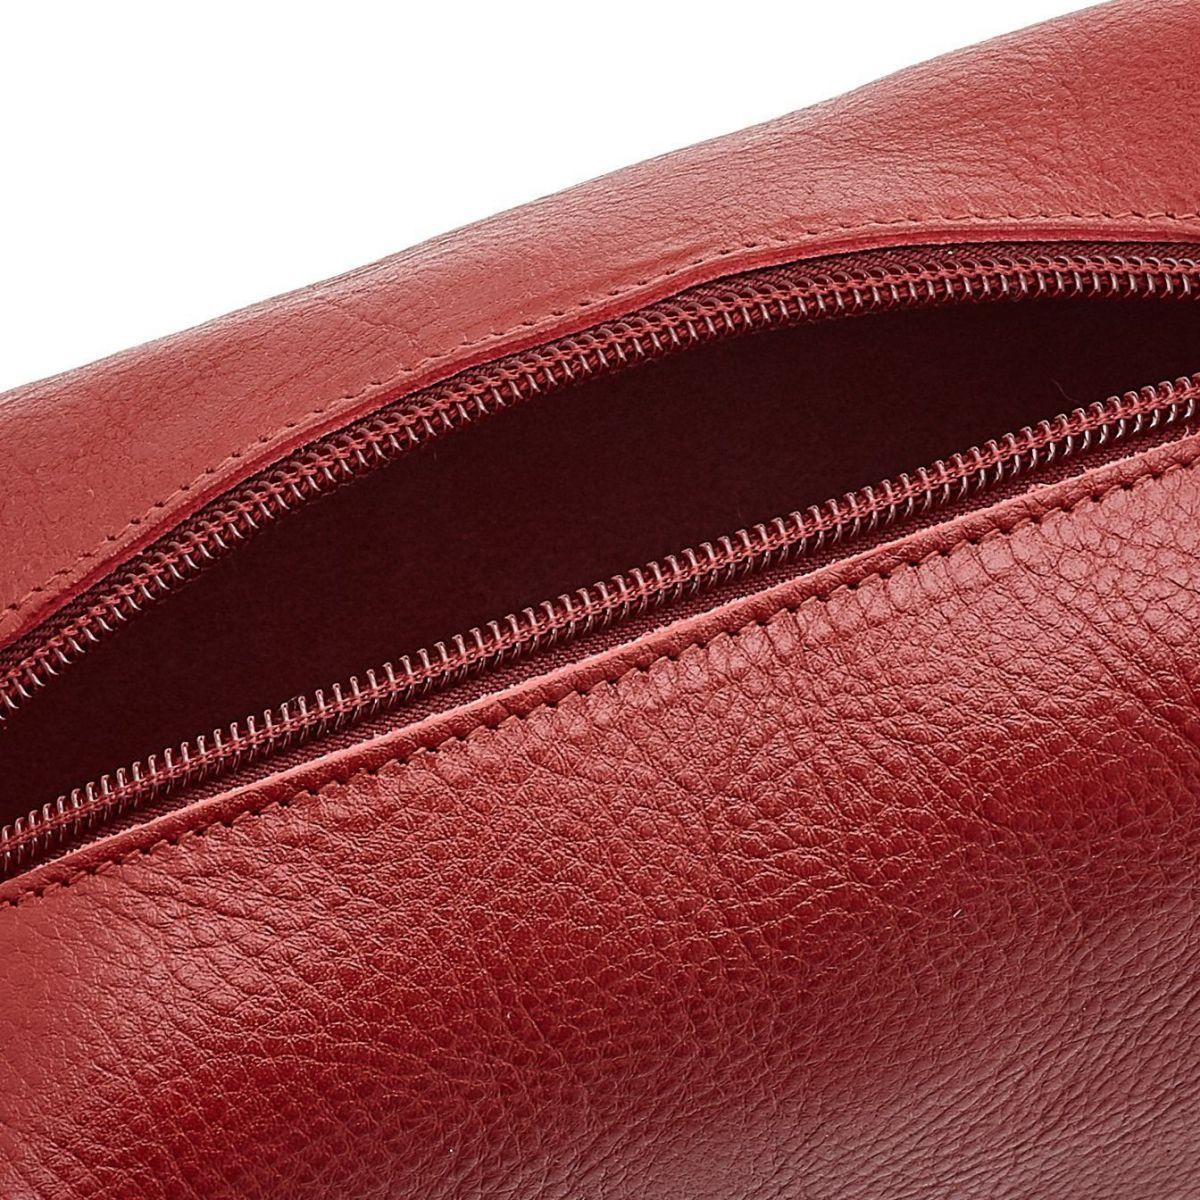 Étui  en Cuir De Vachette SCA047 couleur Rouge | Details